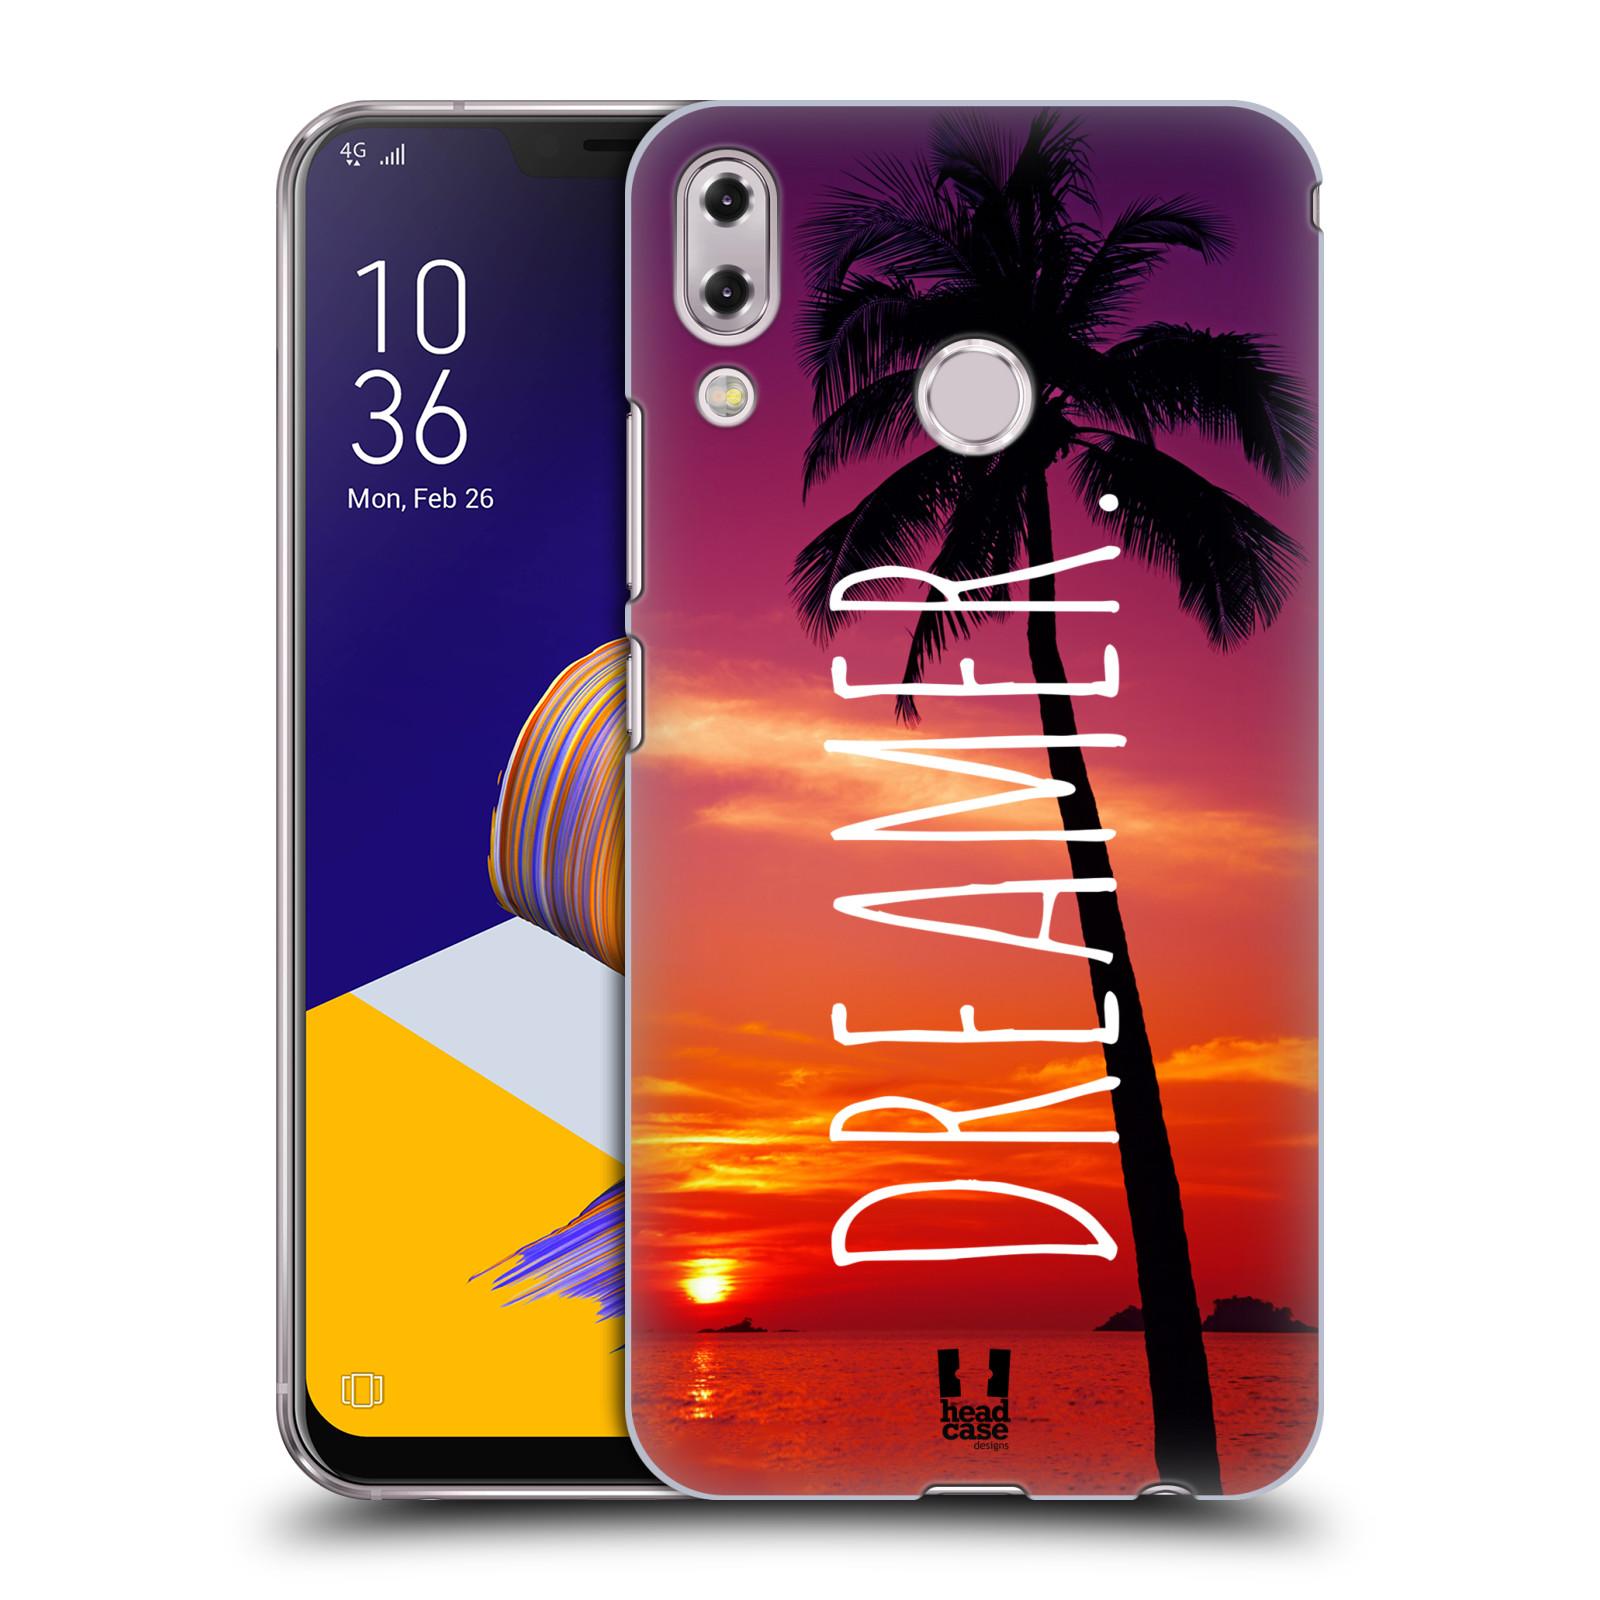 Plastové pouzdro na mobil Asus Zenfone 5z ZS620KL - Head Case - MIX DREAMER (Plastový kryt či obal na mobilní telefon Asus Zenfone 5z (ZS620KL) s motivem MIX DREAMER)